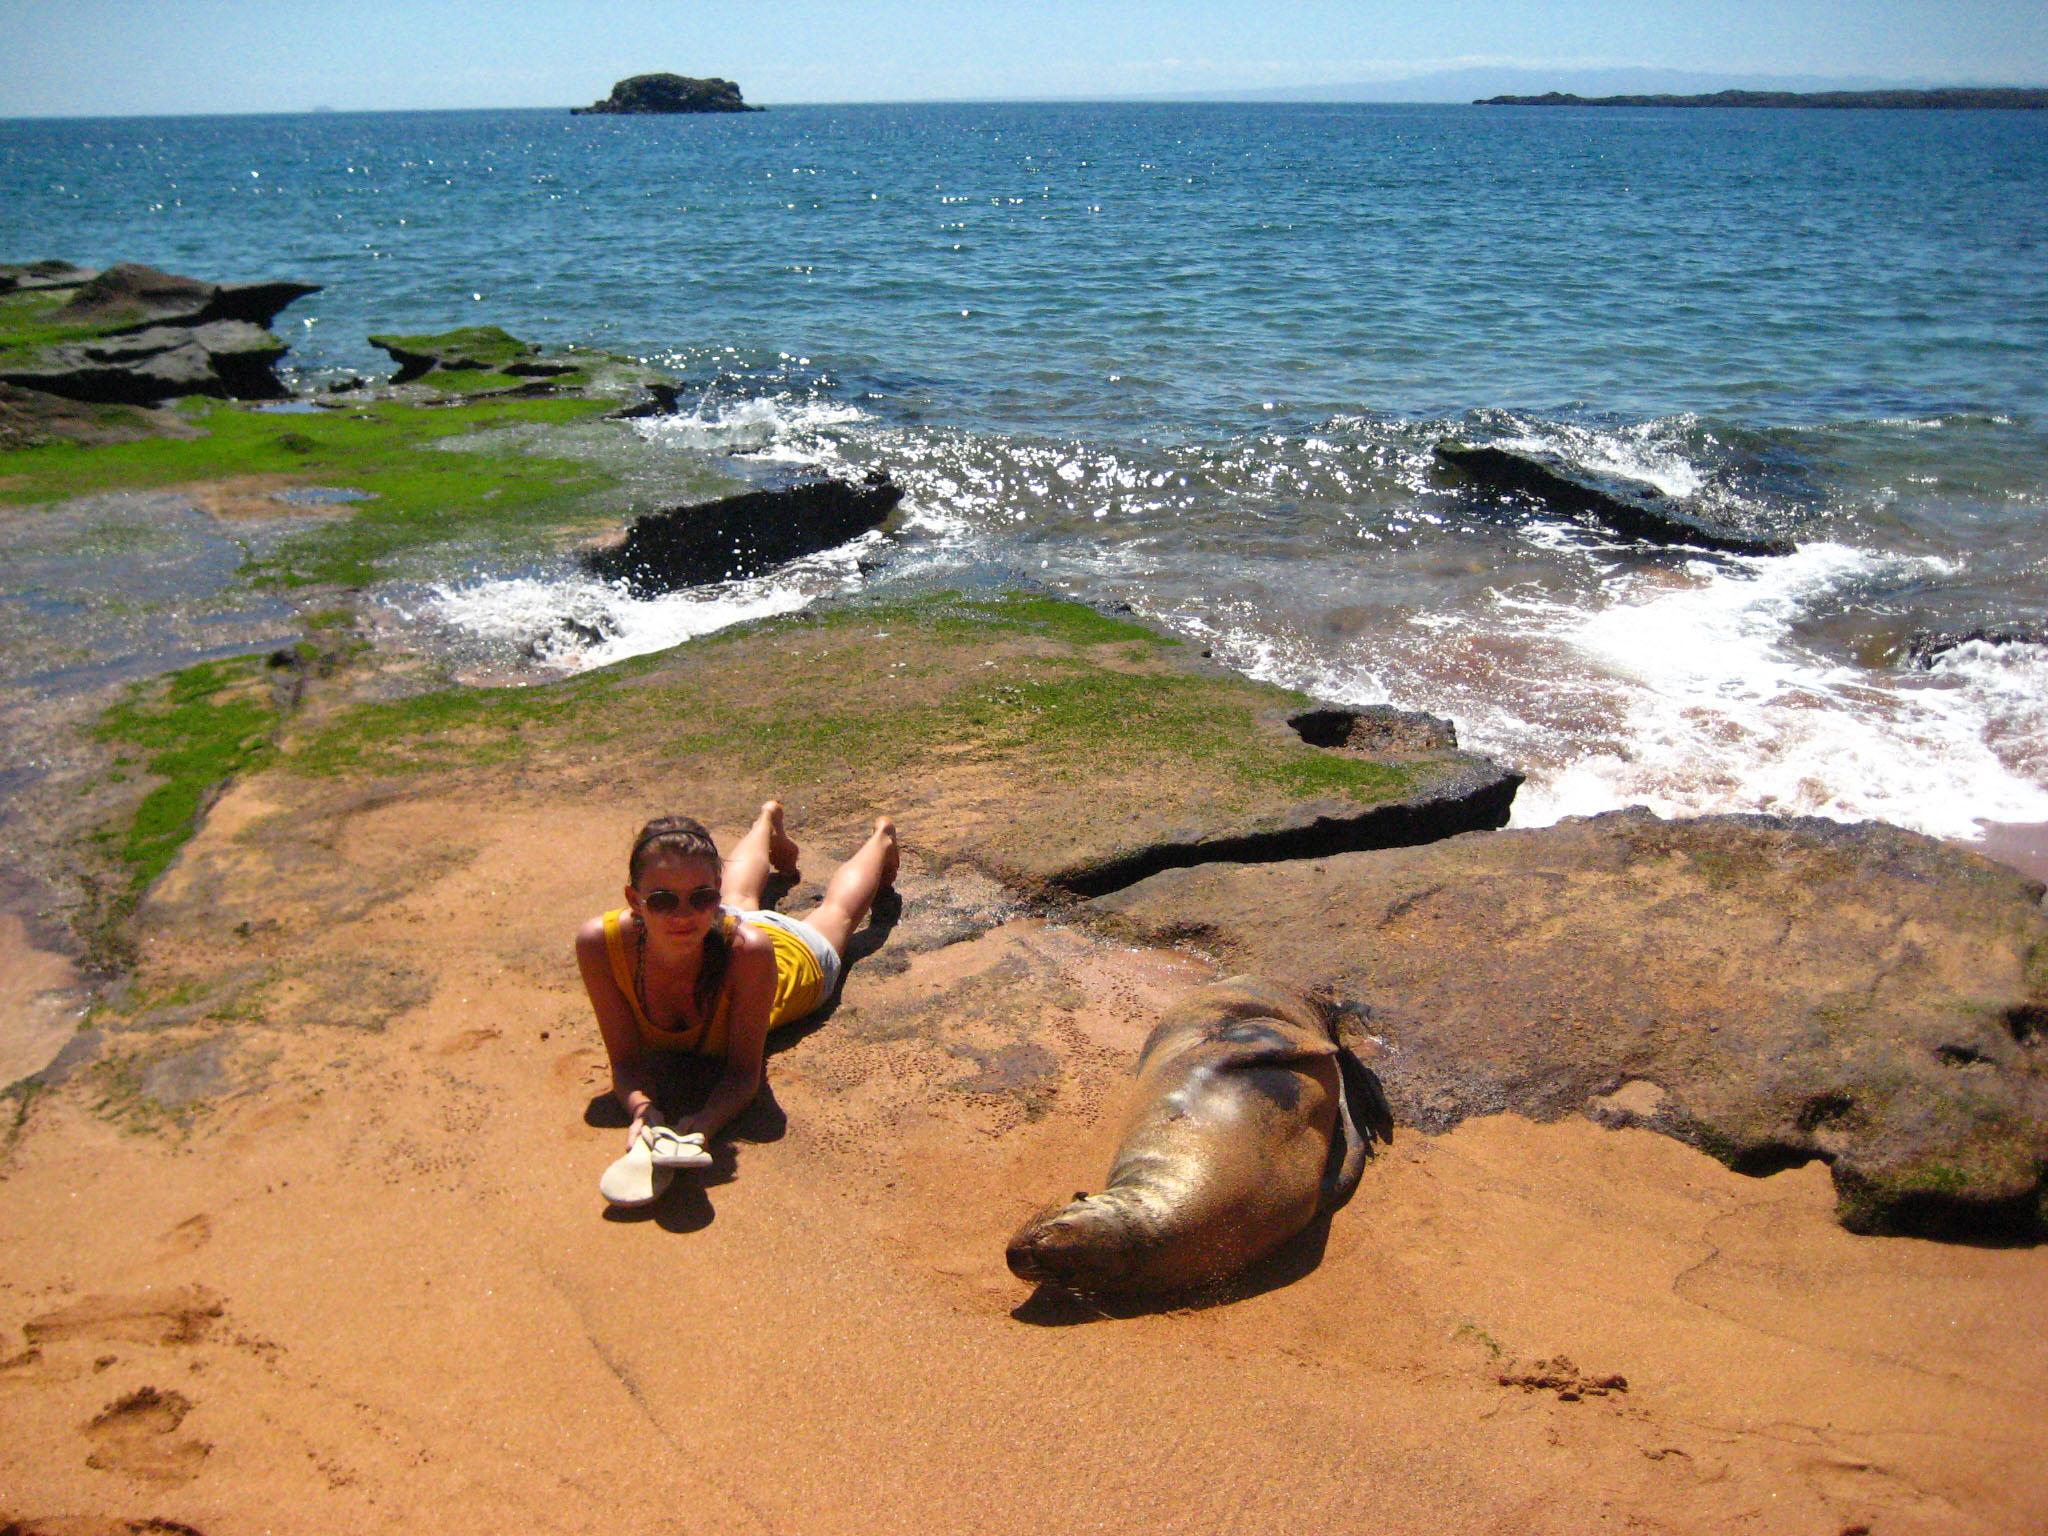 Sich mit einem Seelöwen auf Galápagos zu sonnen, ist schon ein besonderes Gefühl.